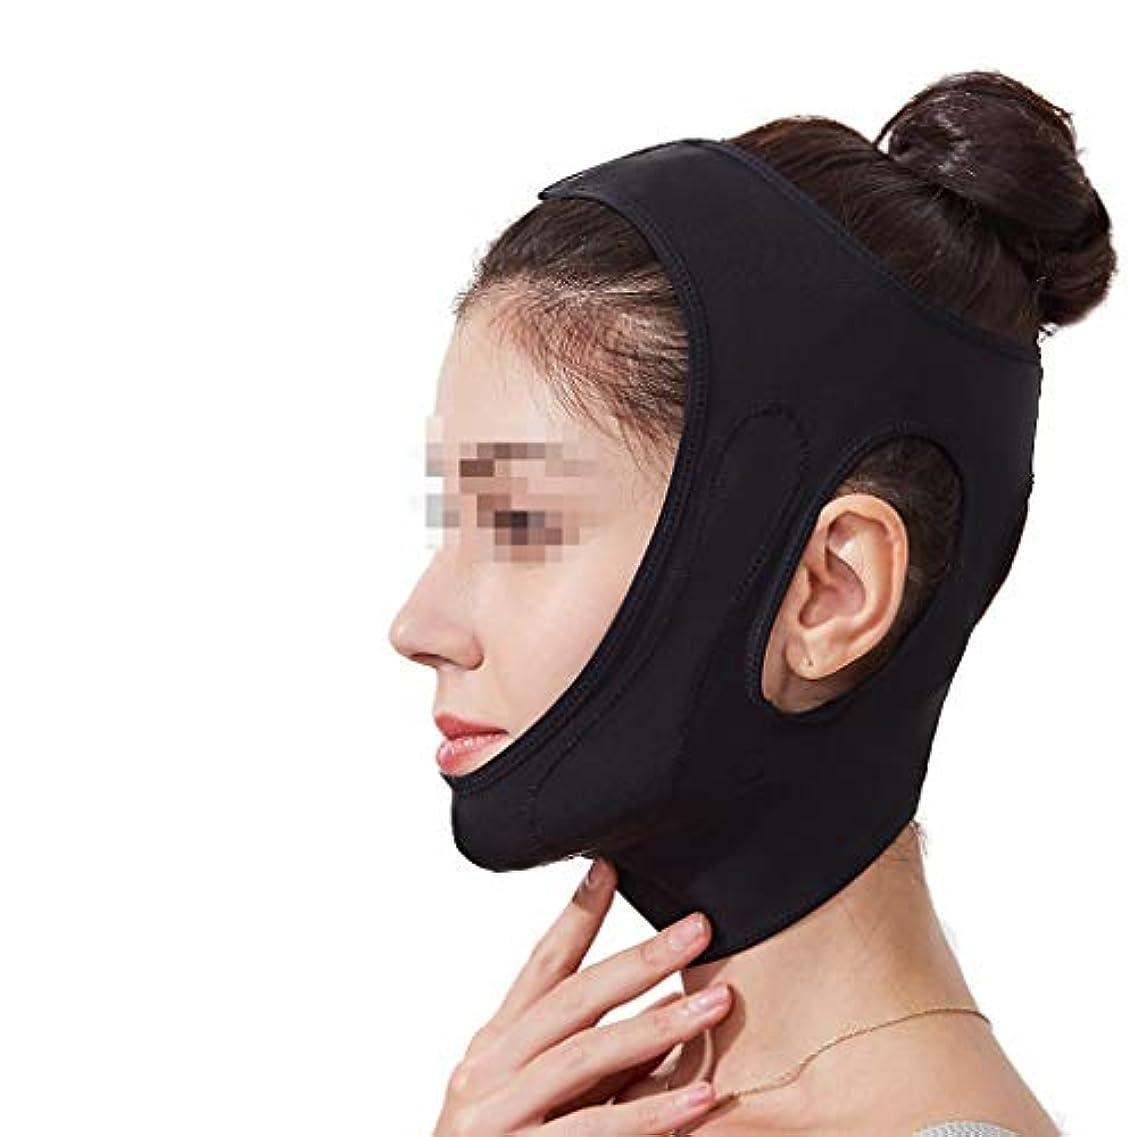 離婚株式組み立てるフェイスリフティング包帯、フェイスマスクフェイスリフトあご快適な顔マルチカラーオプション (Color : Black)